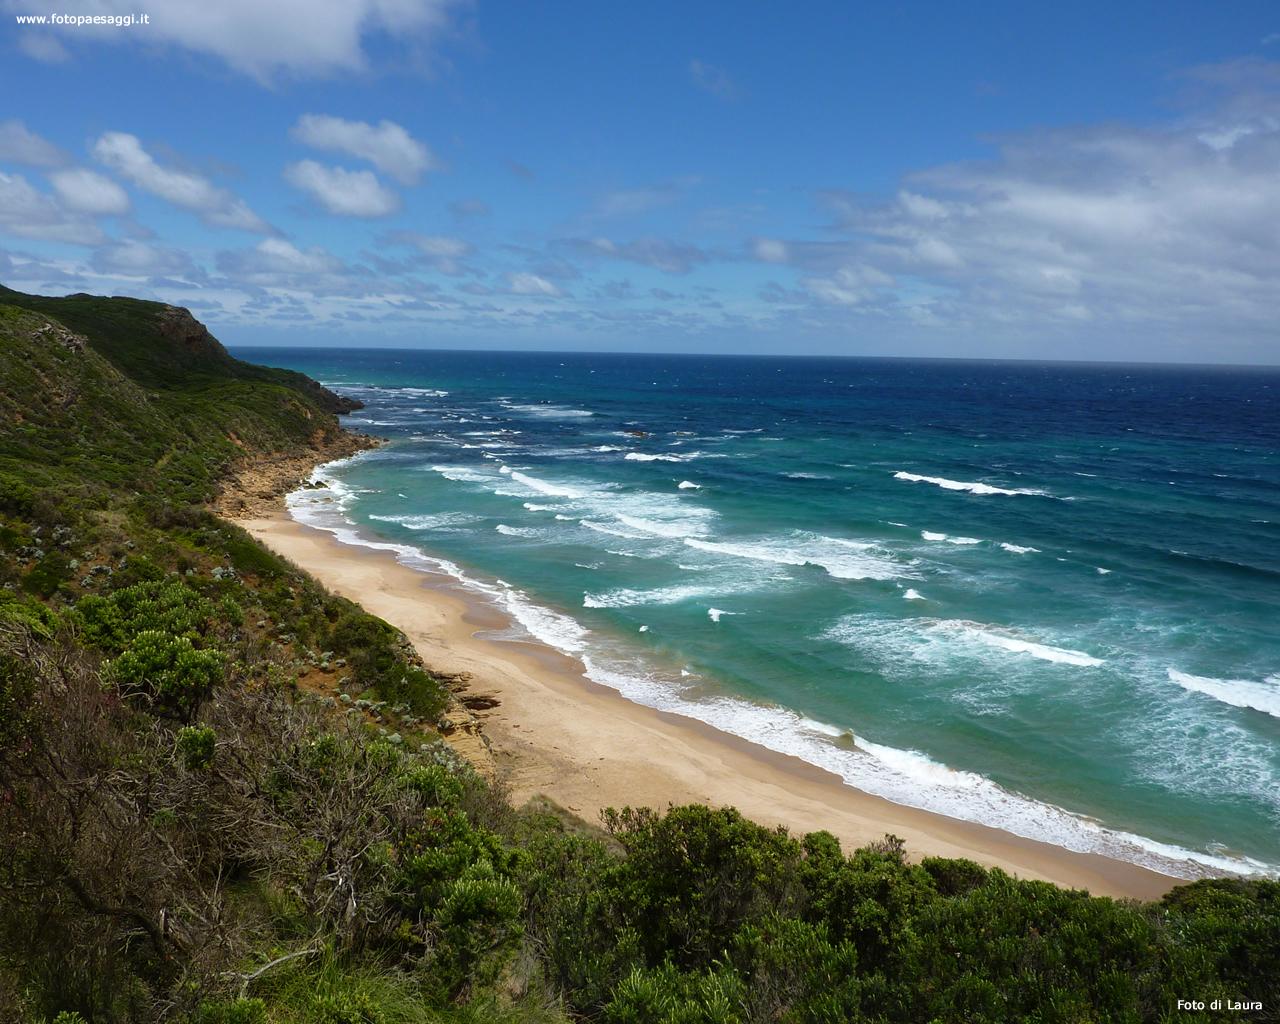 Pin foto sfondi hd paesaggi spiagge natura spiaggia rocce for Sfondi spiagge hd